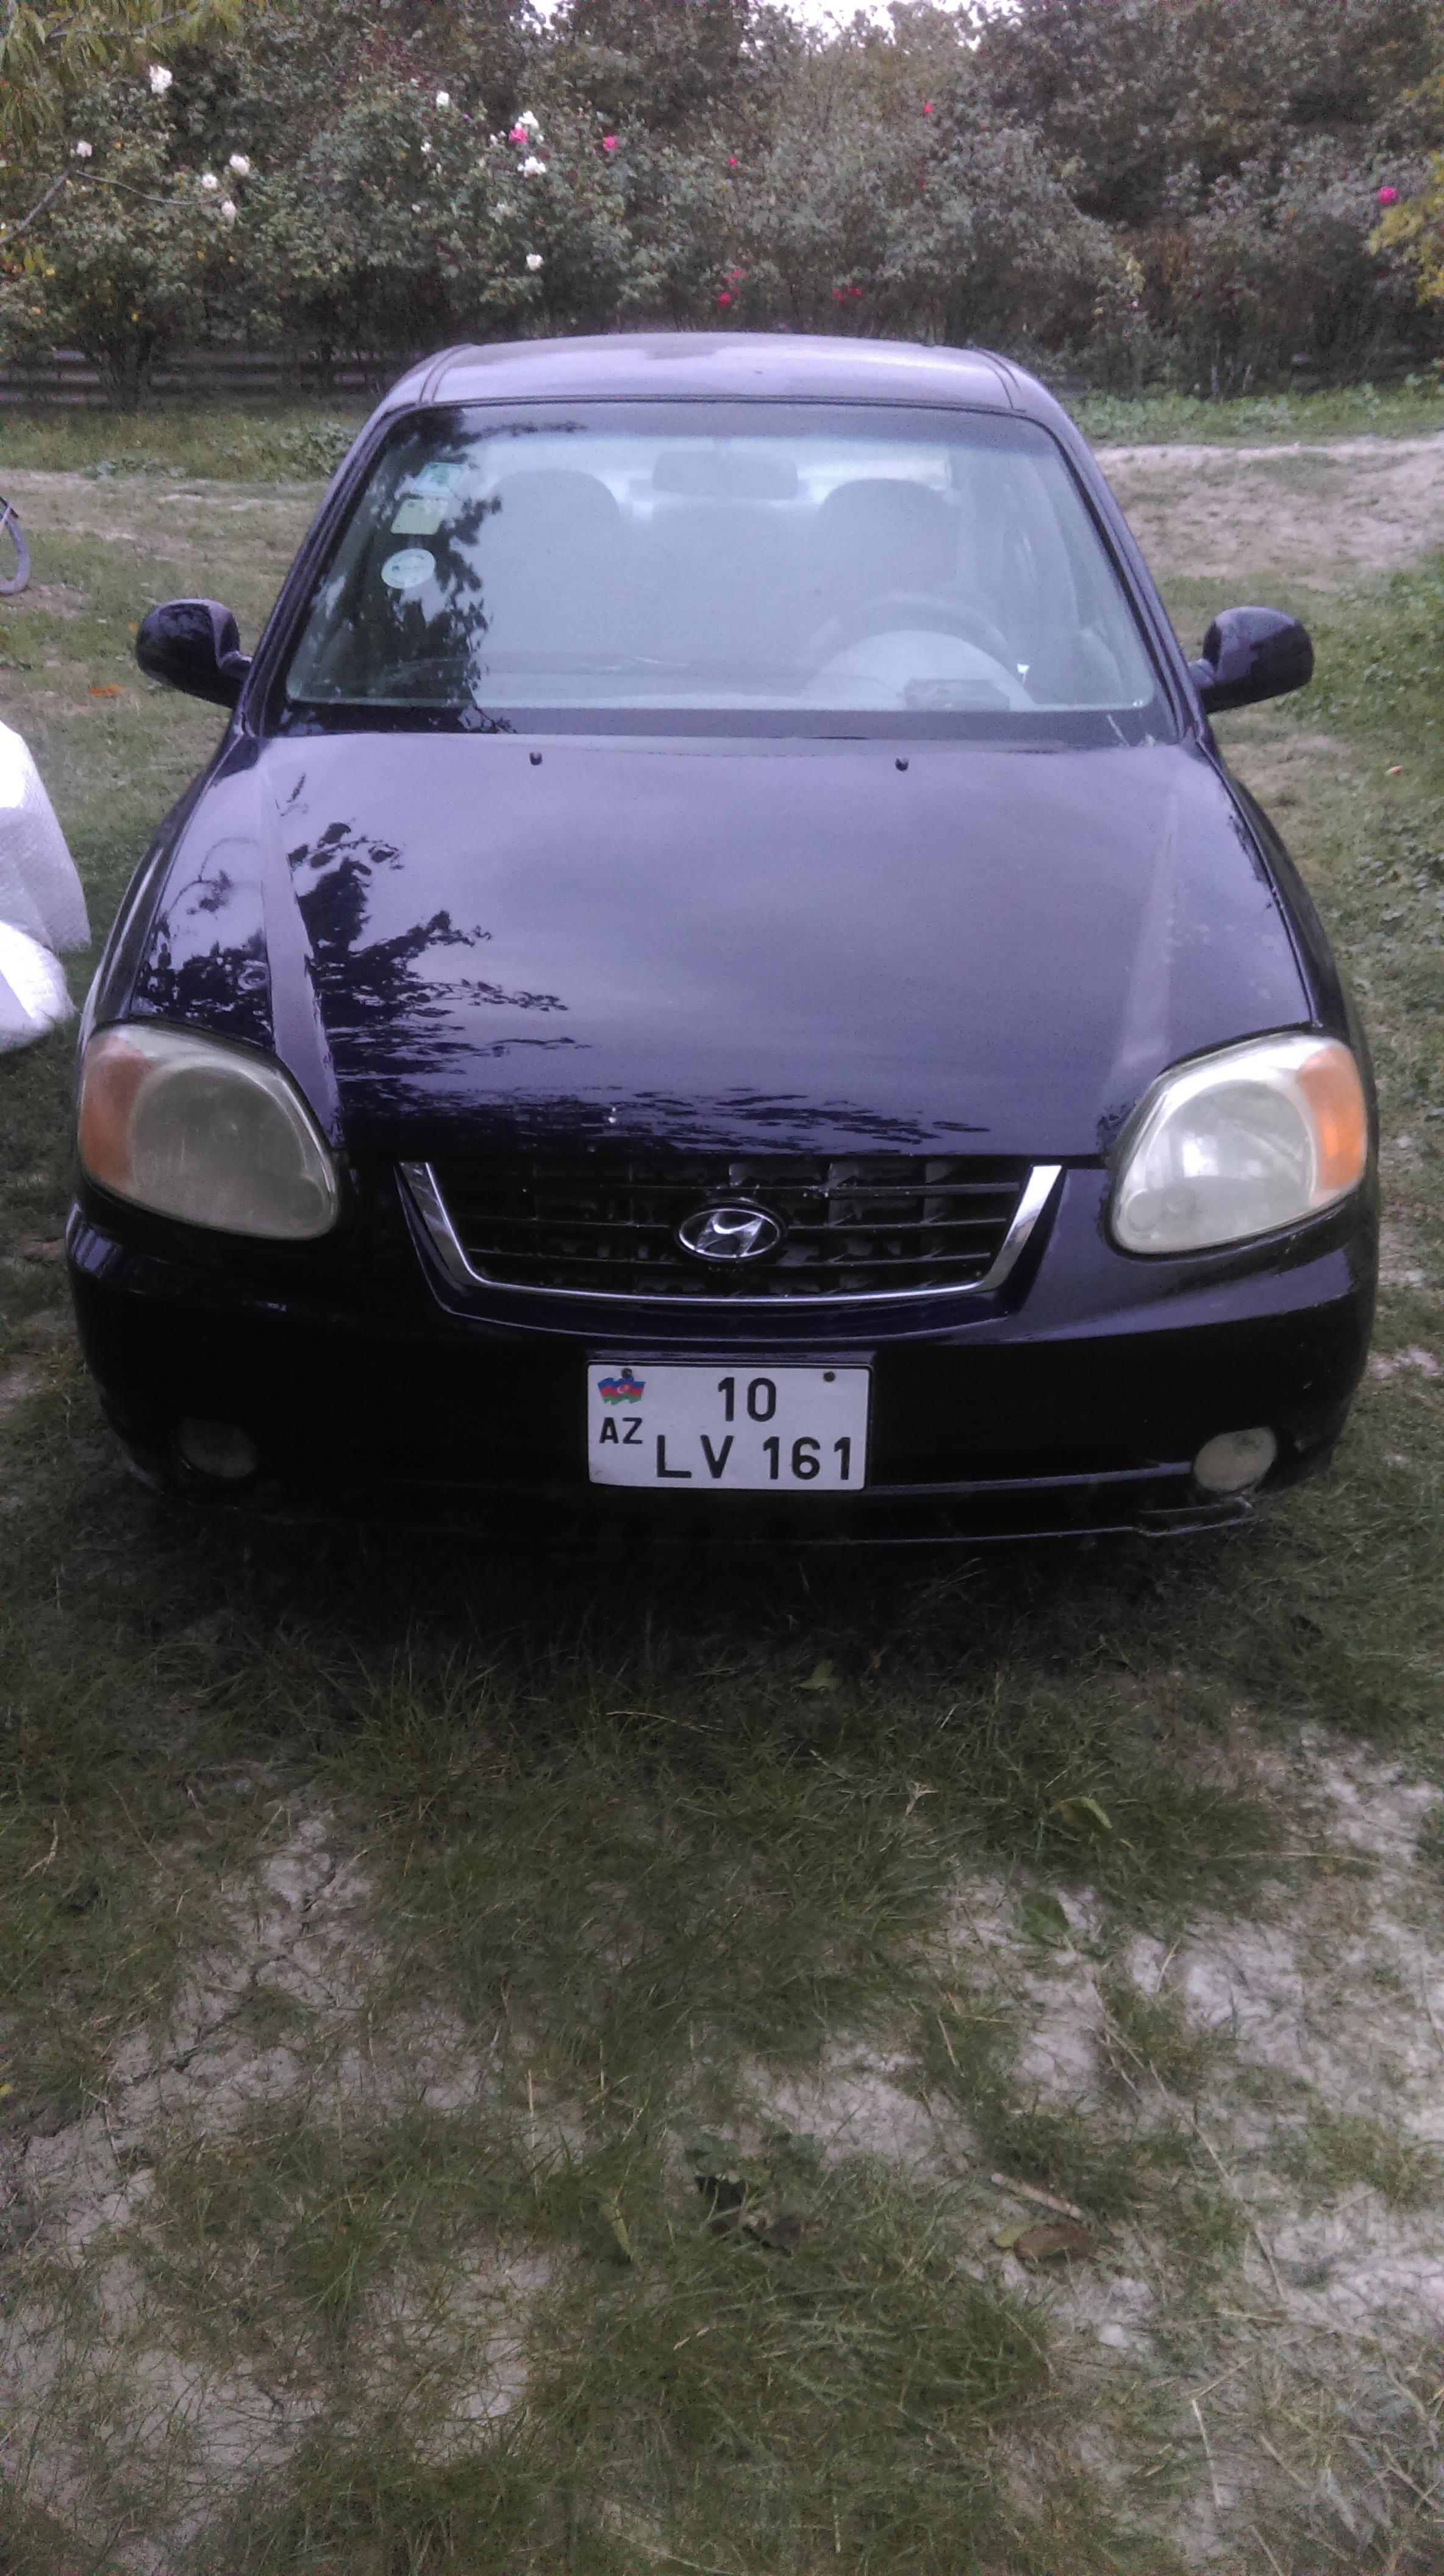 Hyundai Accent 1.5(lt) 2003 İkinci əl  $3850